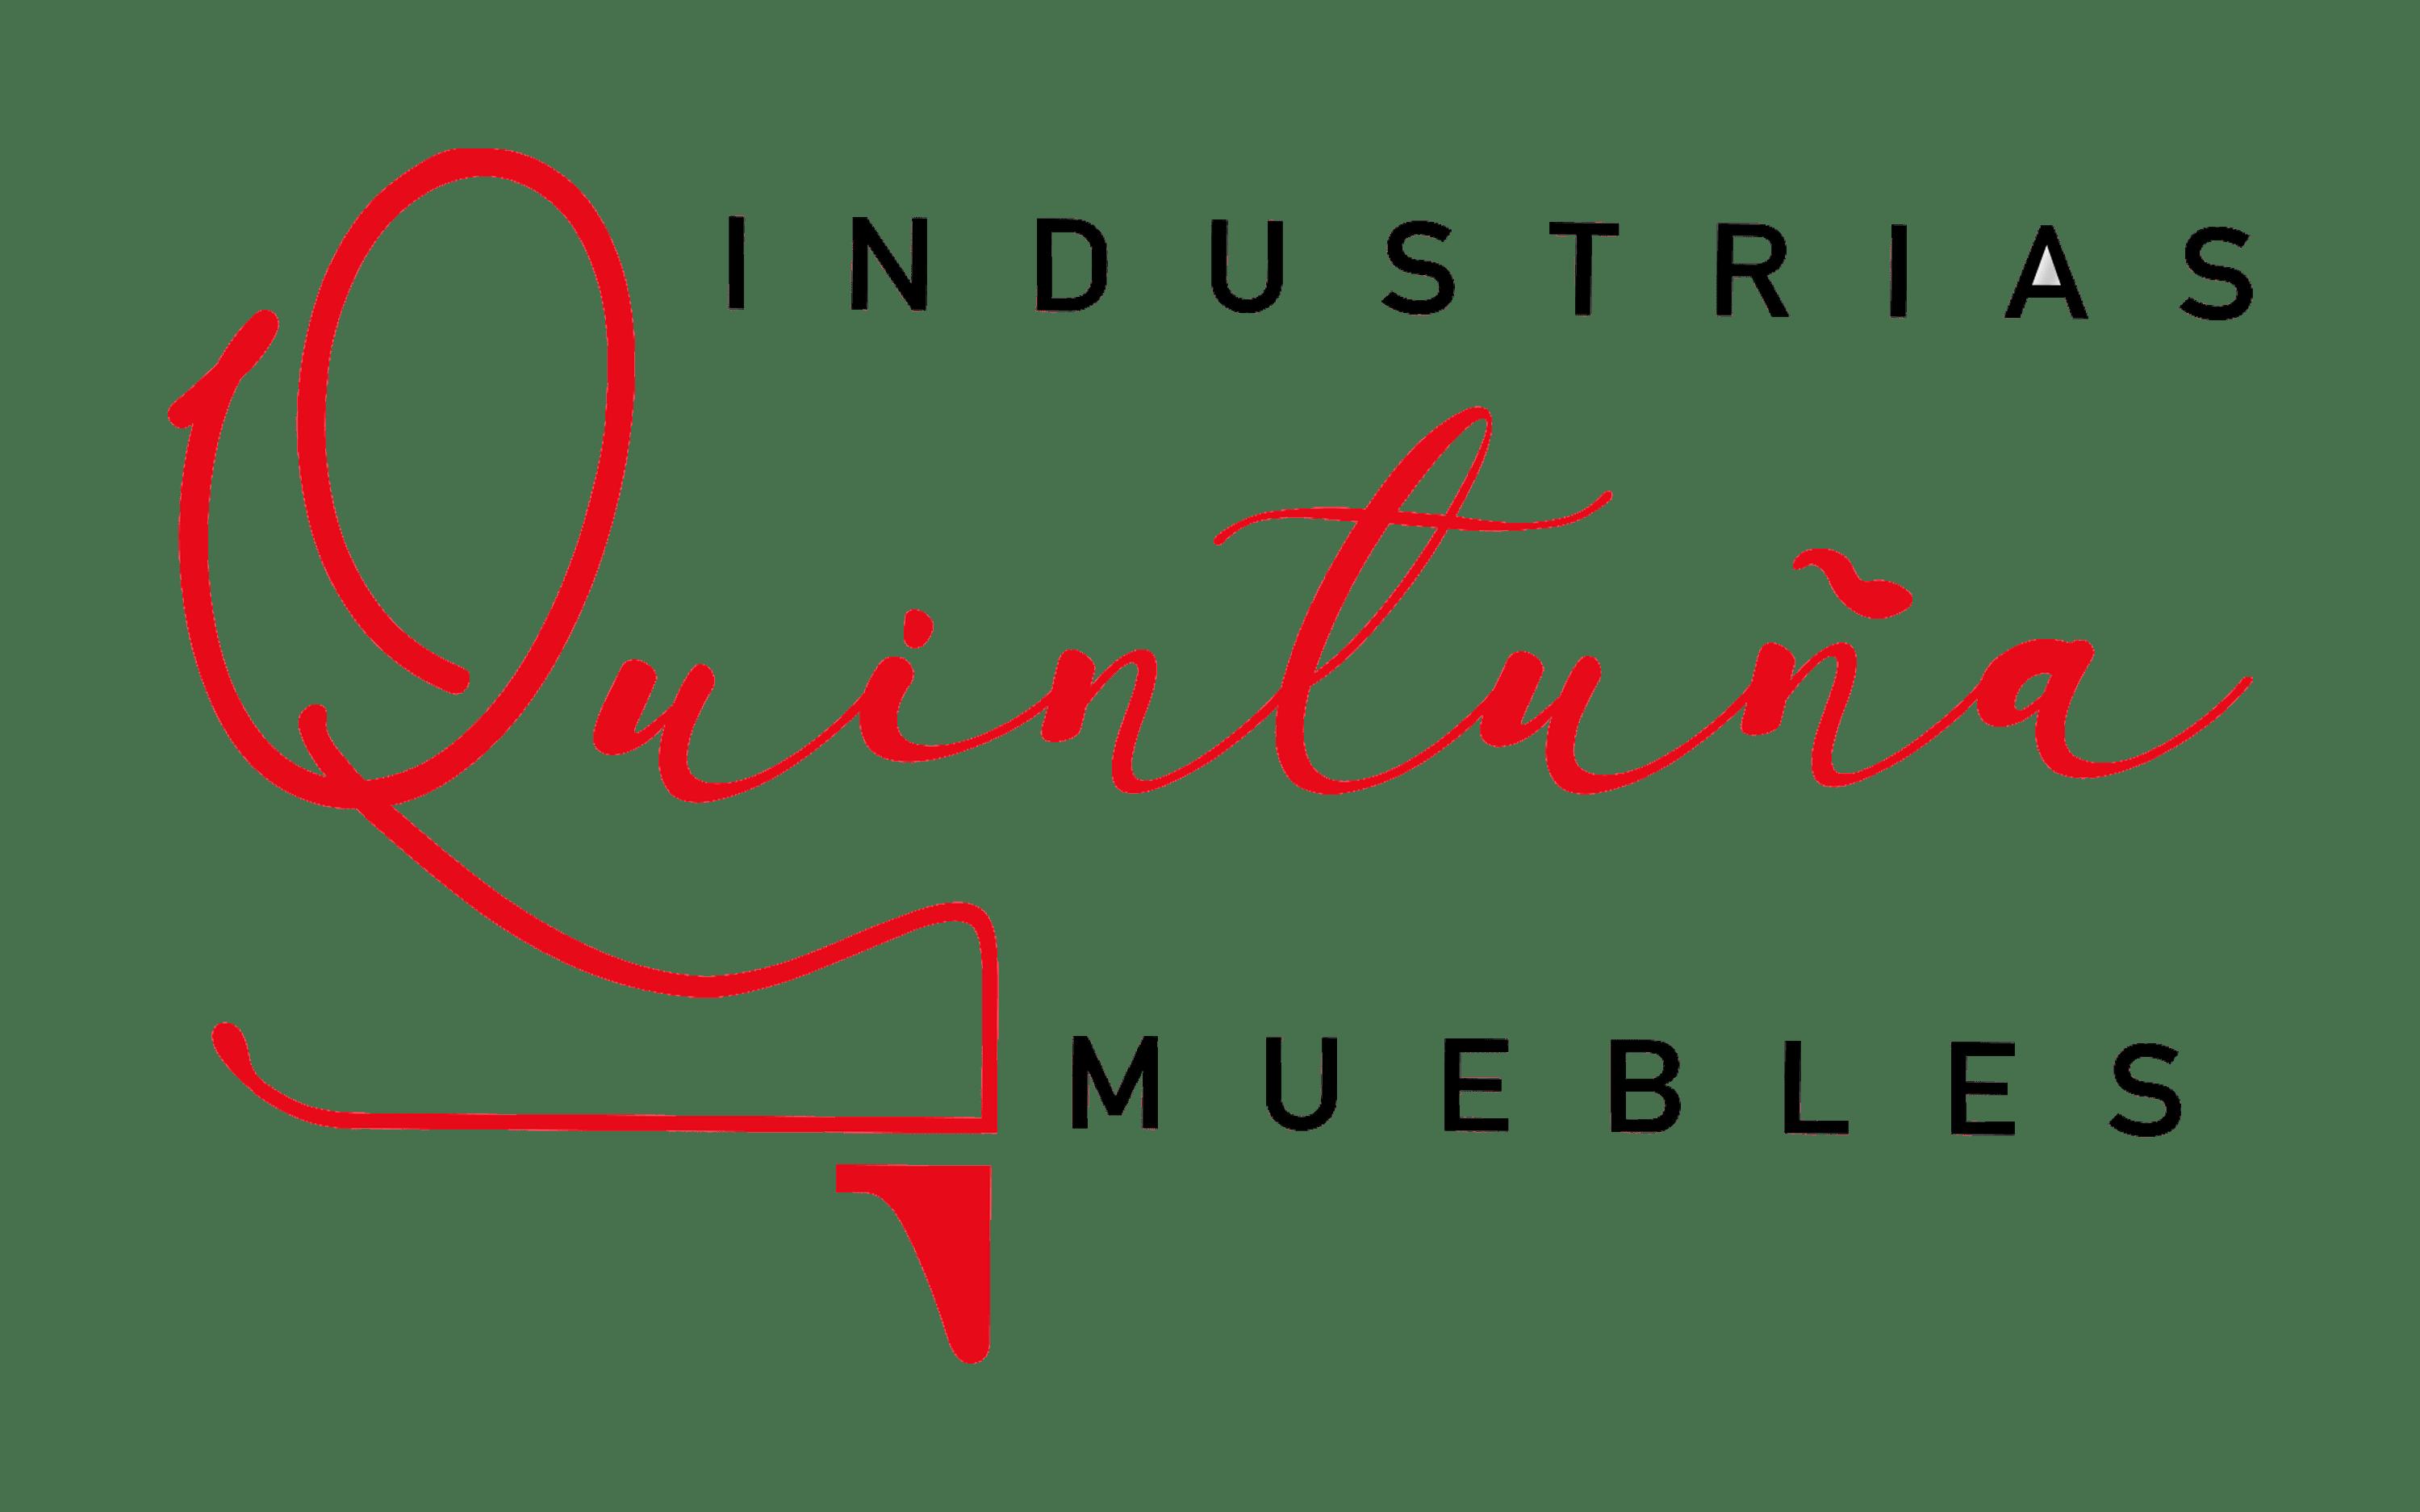 Muebles Cuencanos